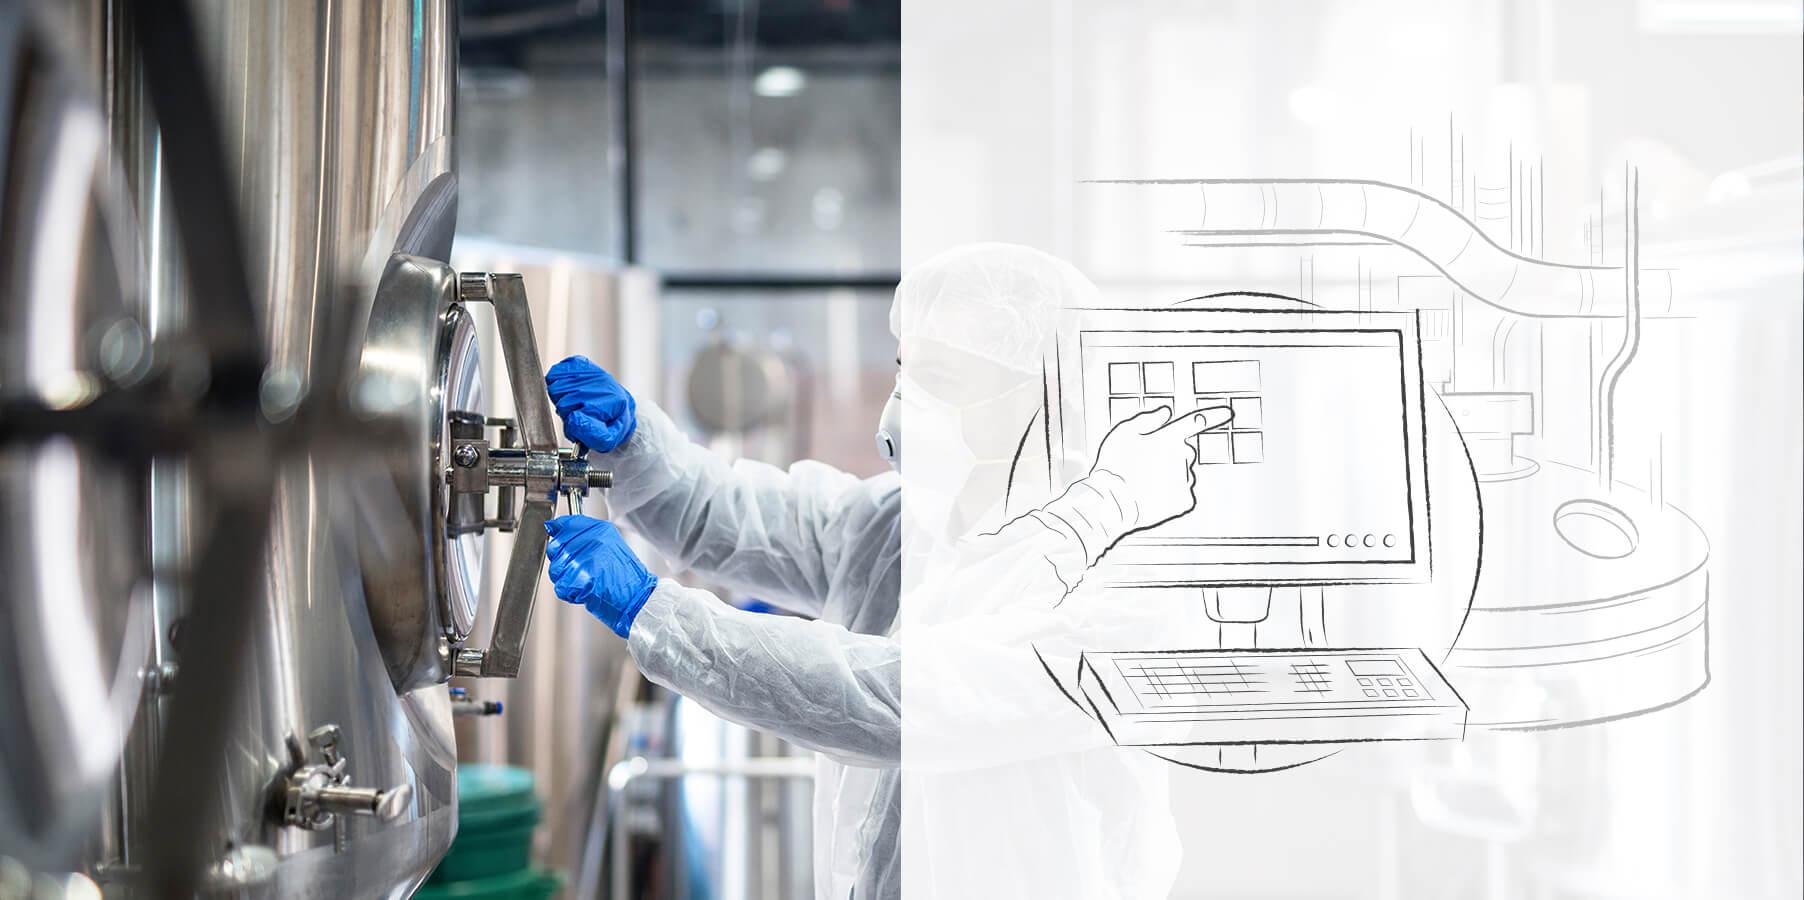 Bedien- und Beobachtungssysteme in Pharma-Anlagen